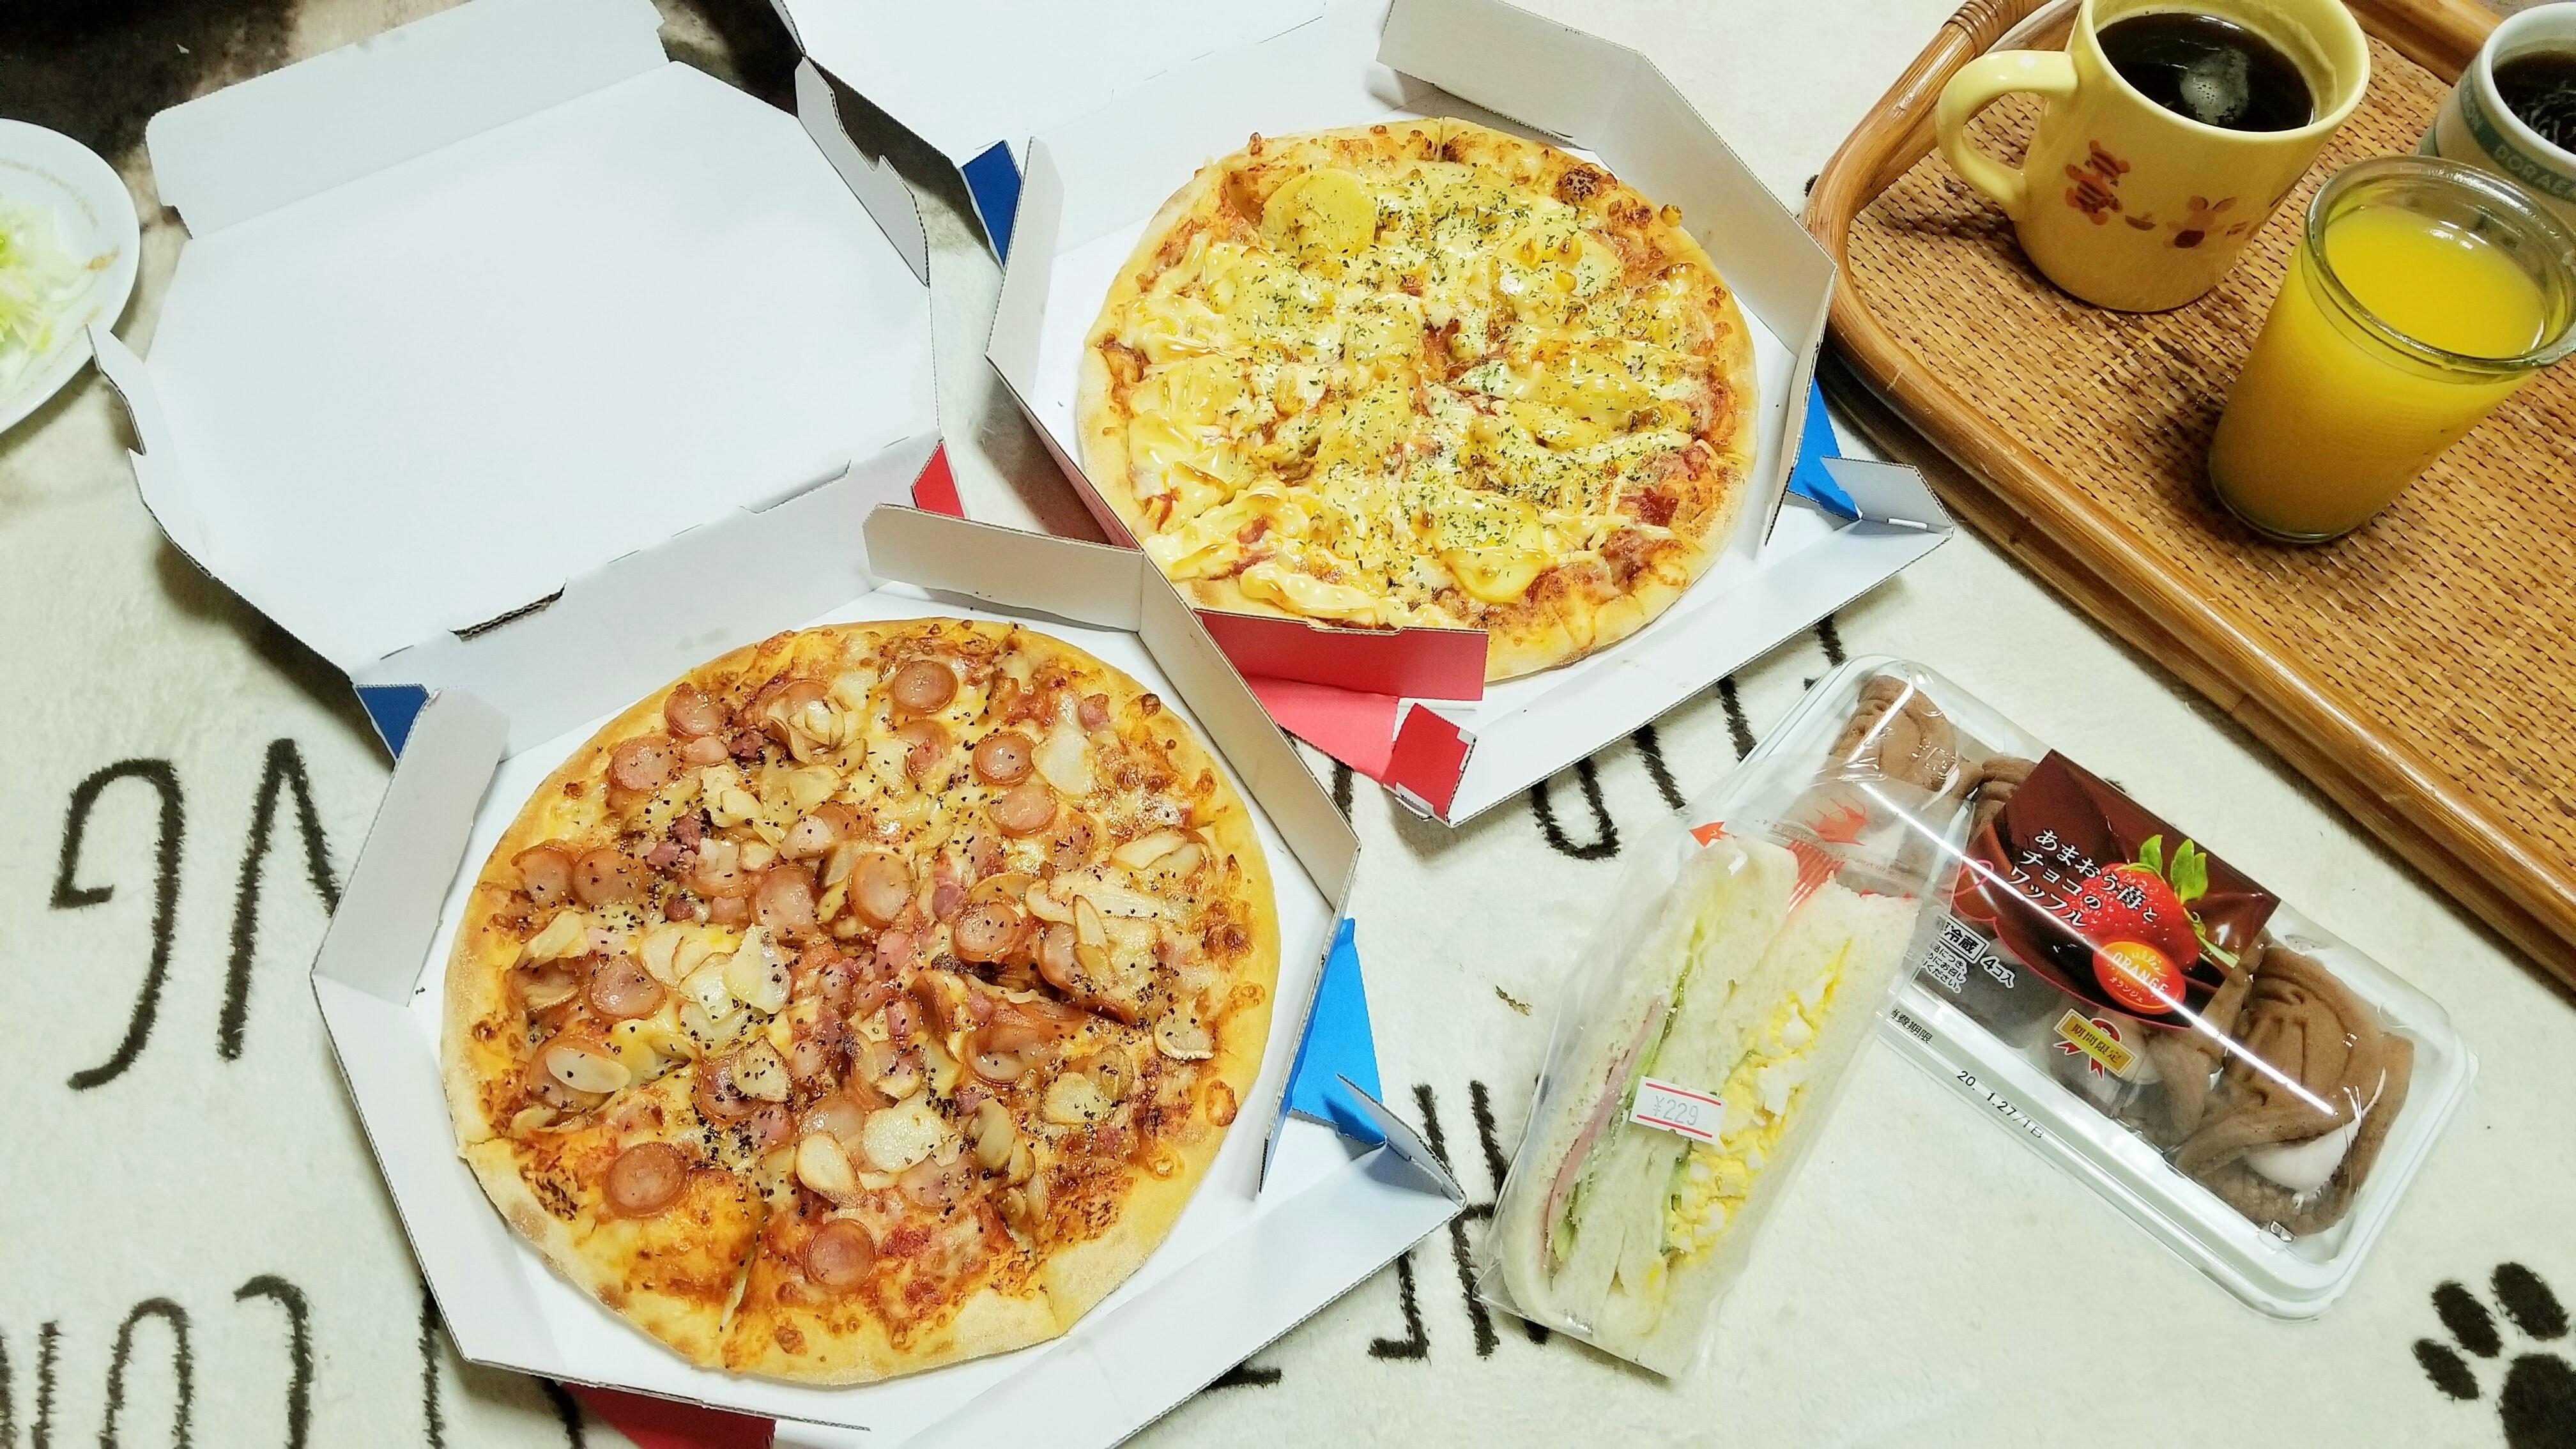 松山高い具飯テロピザ宅配太るダイエットlサイズ何人前半額クーポン